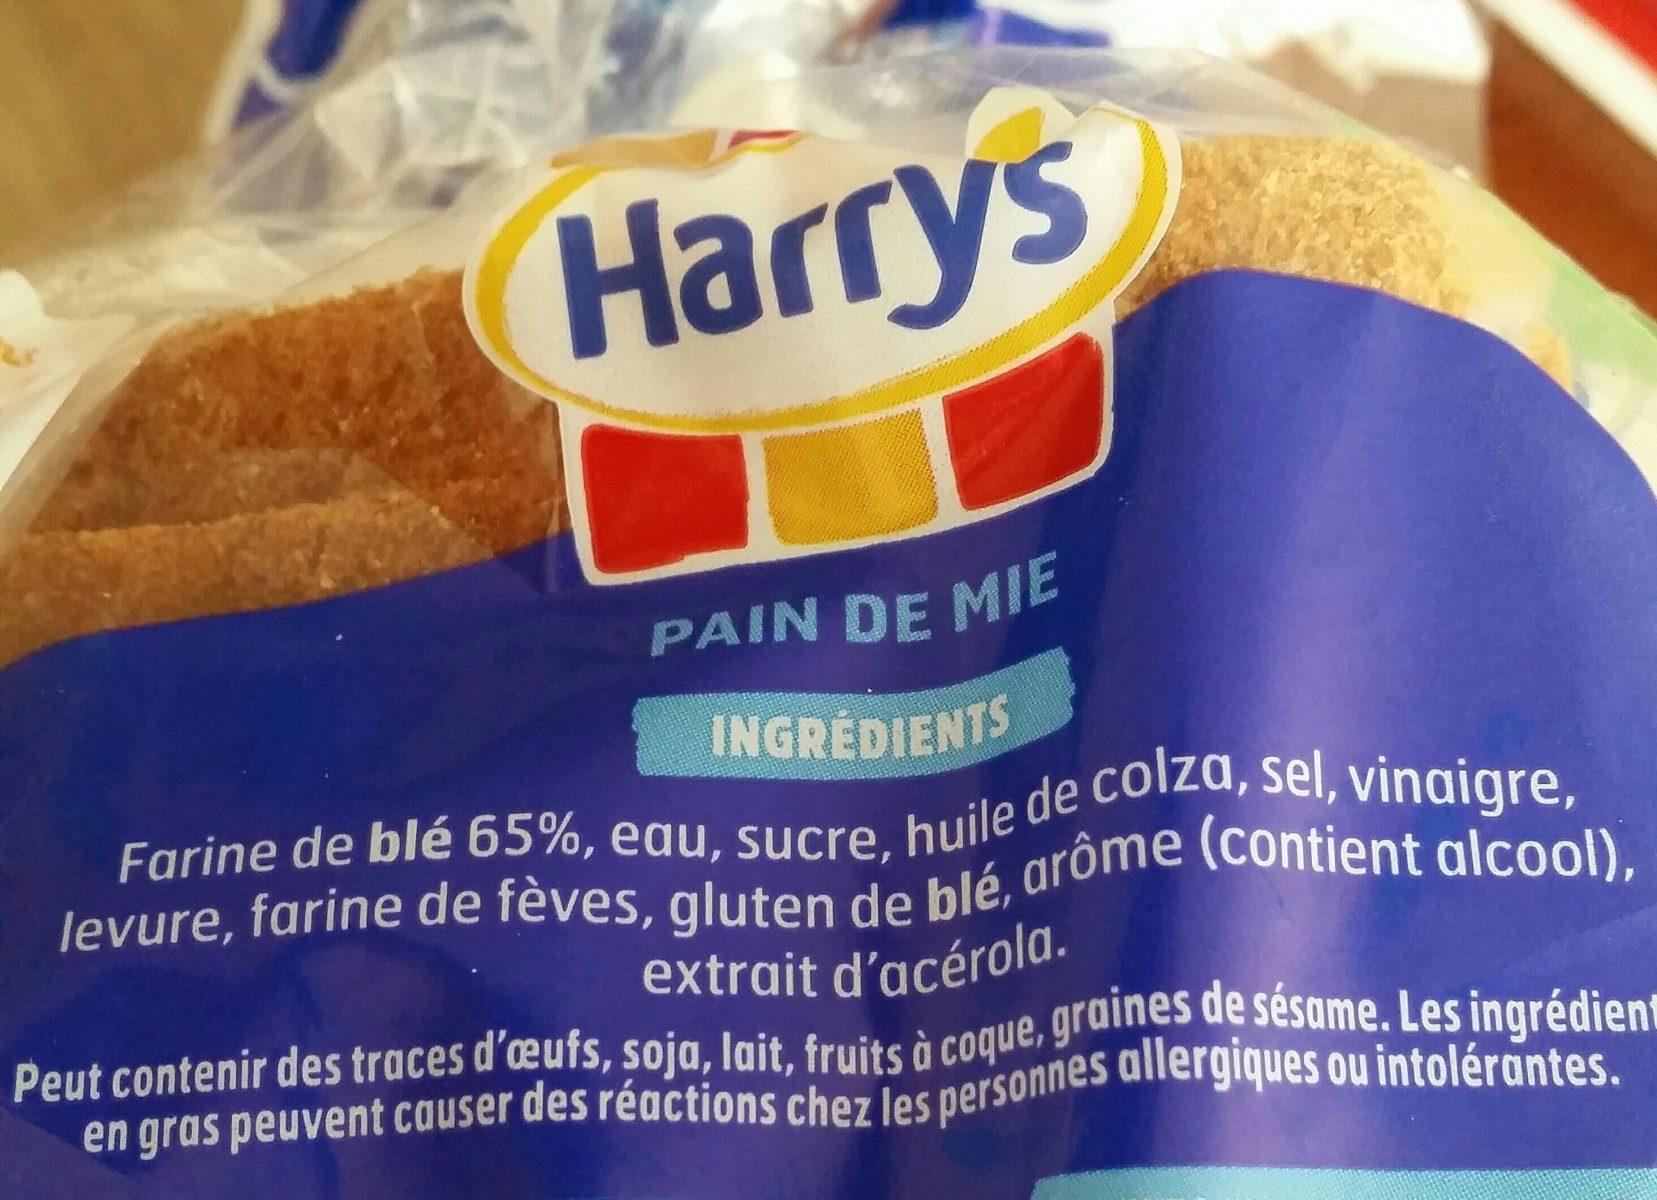 Harrys pain de mie american sandwich nature - Ingrediënten - fr